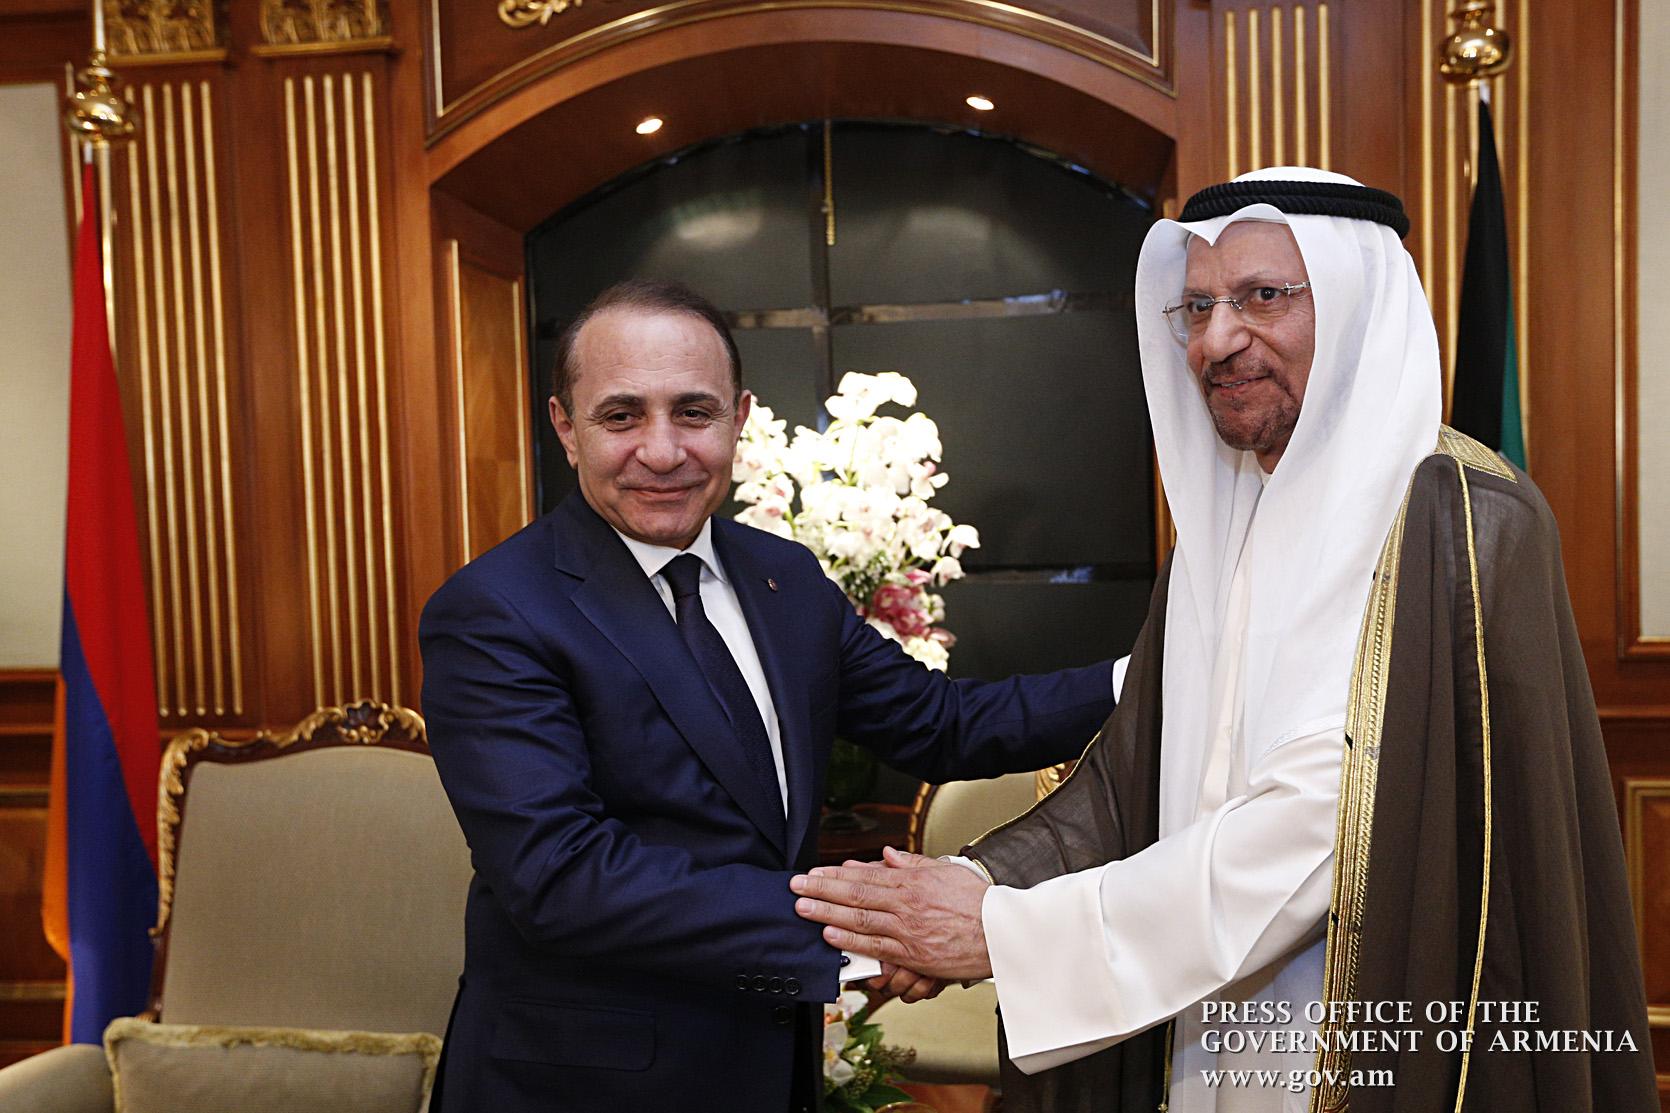 Photo of Ներդրումային նախագծերի առաջարկներ՝ Հայաստանի և Քուվեյթի միջև տնտեսական համագործակցության շրջանակում